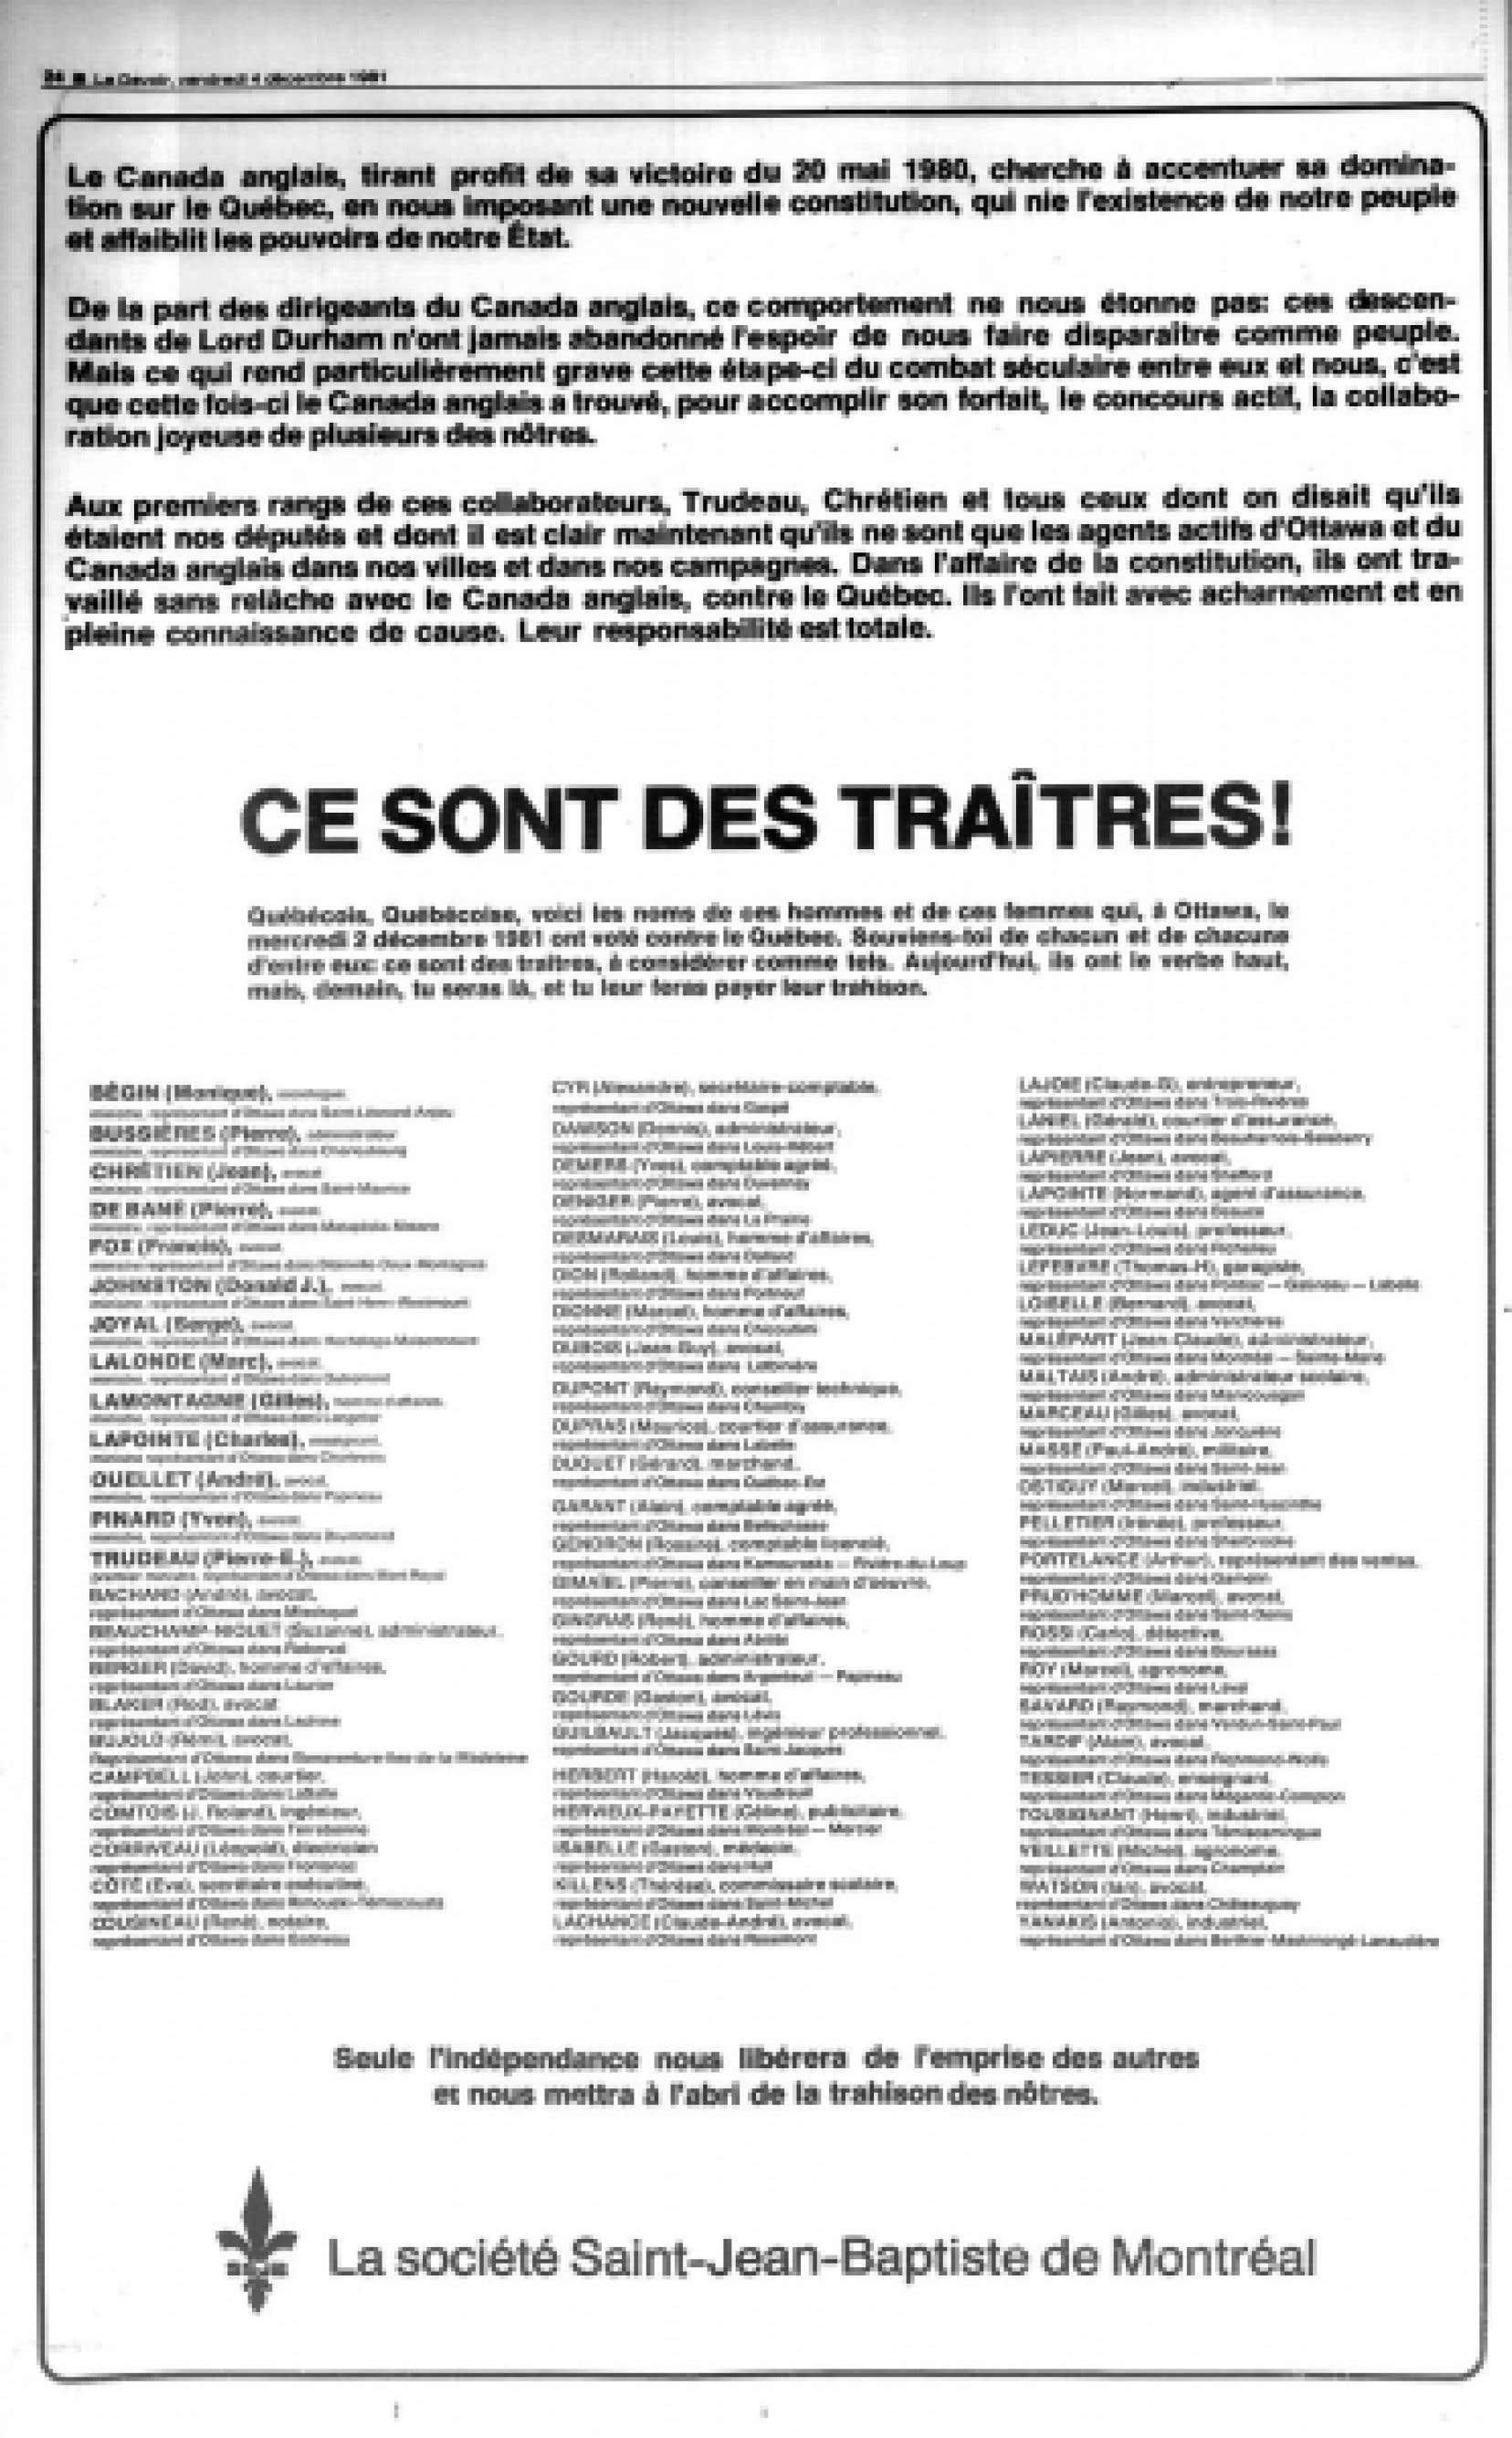 La Société Saint-Jean-Baptiste de Montréal avait stigmatisé, en gros caractères dans une pleine page de publicité publiée par Le Devoir le 4 décembre 1981, les 70 députés fédéraux du Québec qui avaient voté, deux jours plus tôt, en faveur de la résolution constitutionnelle intervenue sans l'accord du Québec, prélude au rapatriement de la Constitution canadienne l'année suivante. <br />